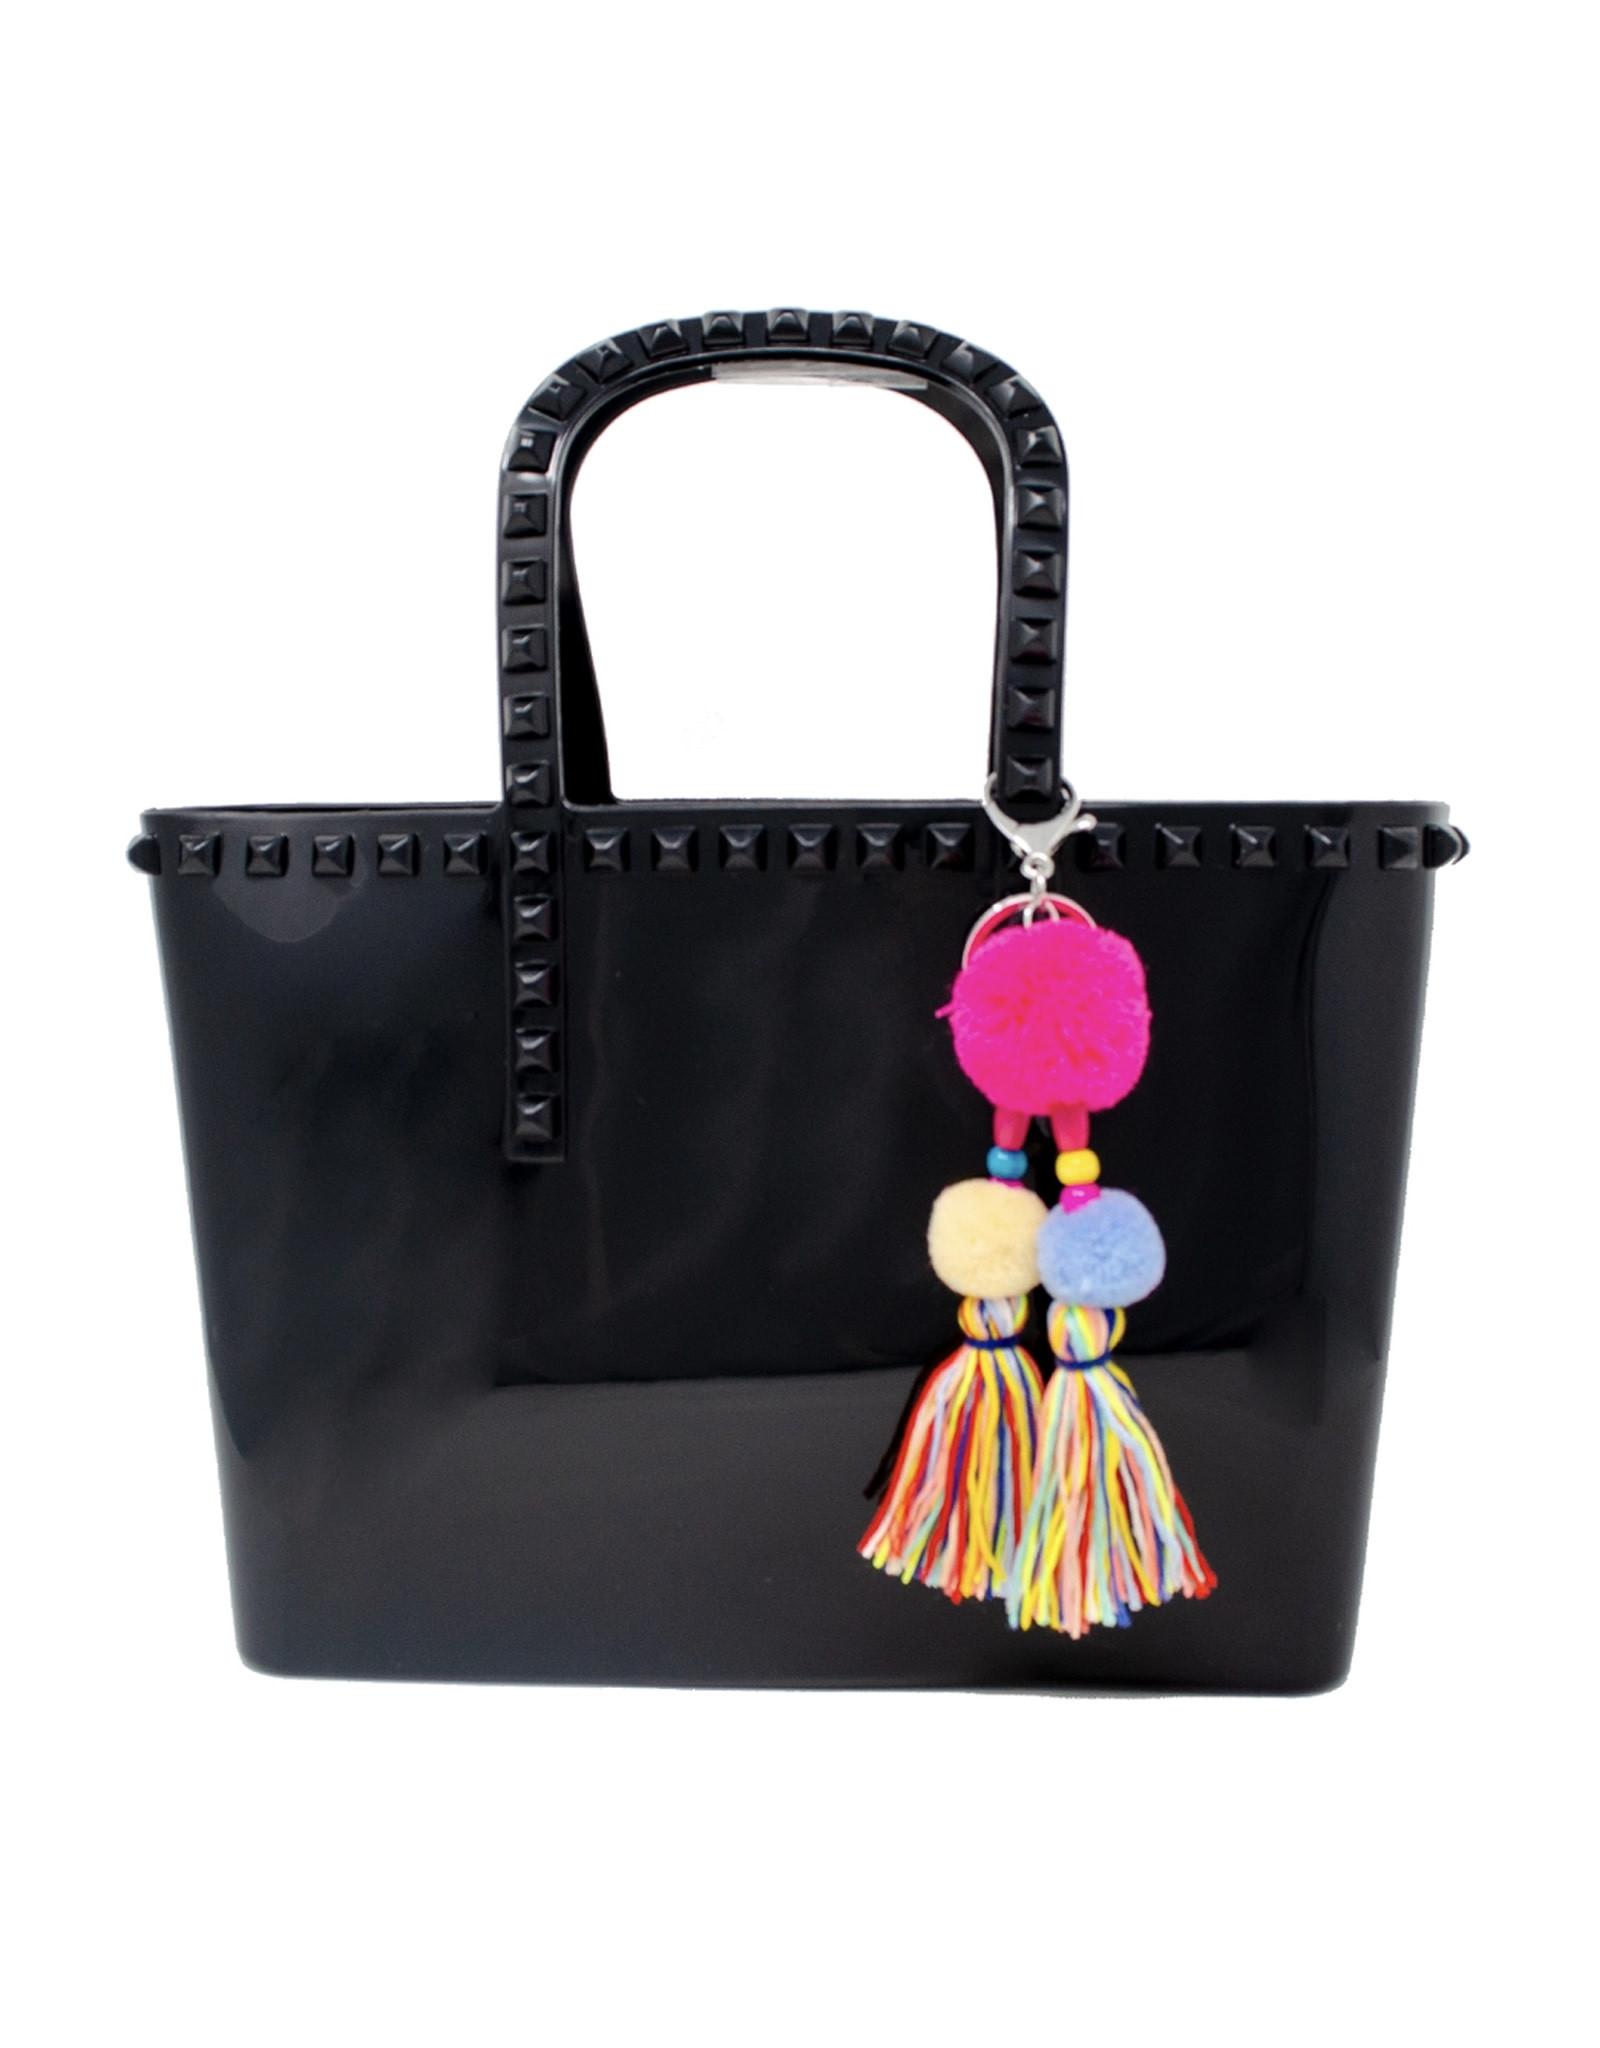 Tiny Treats & Zomi Gems Jumbo Jelly Tote Bag Black